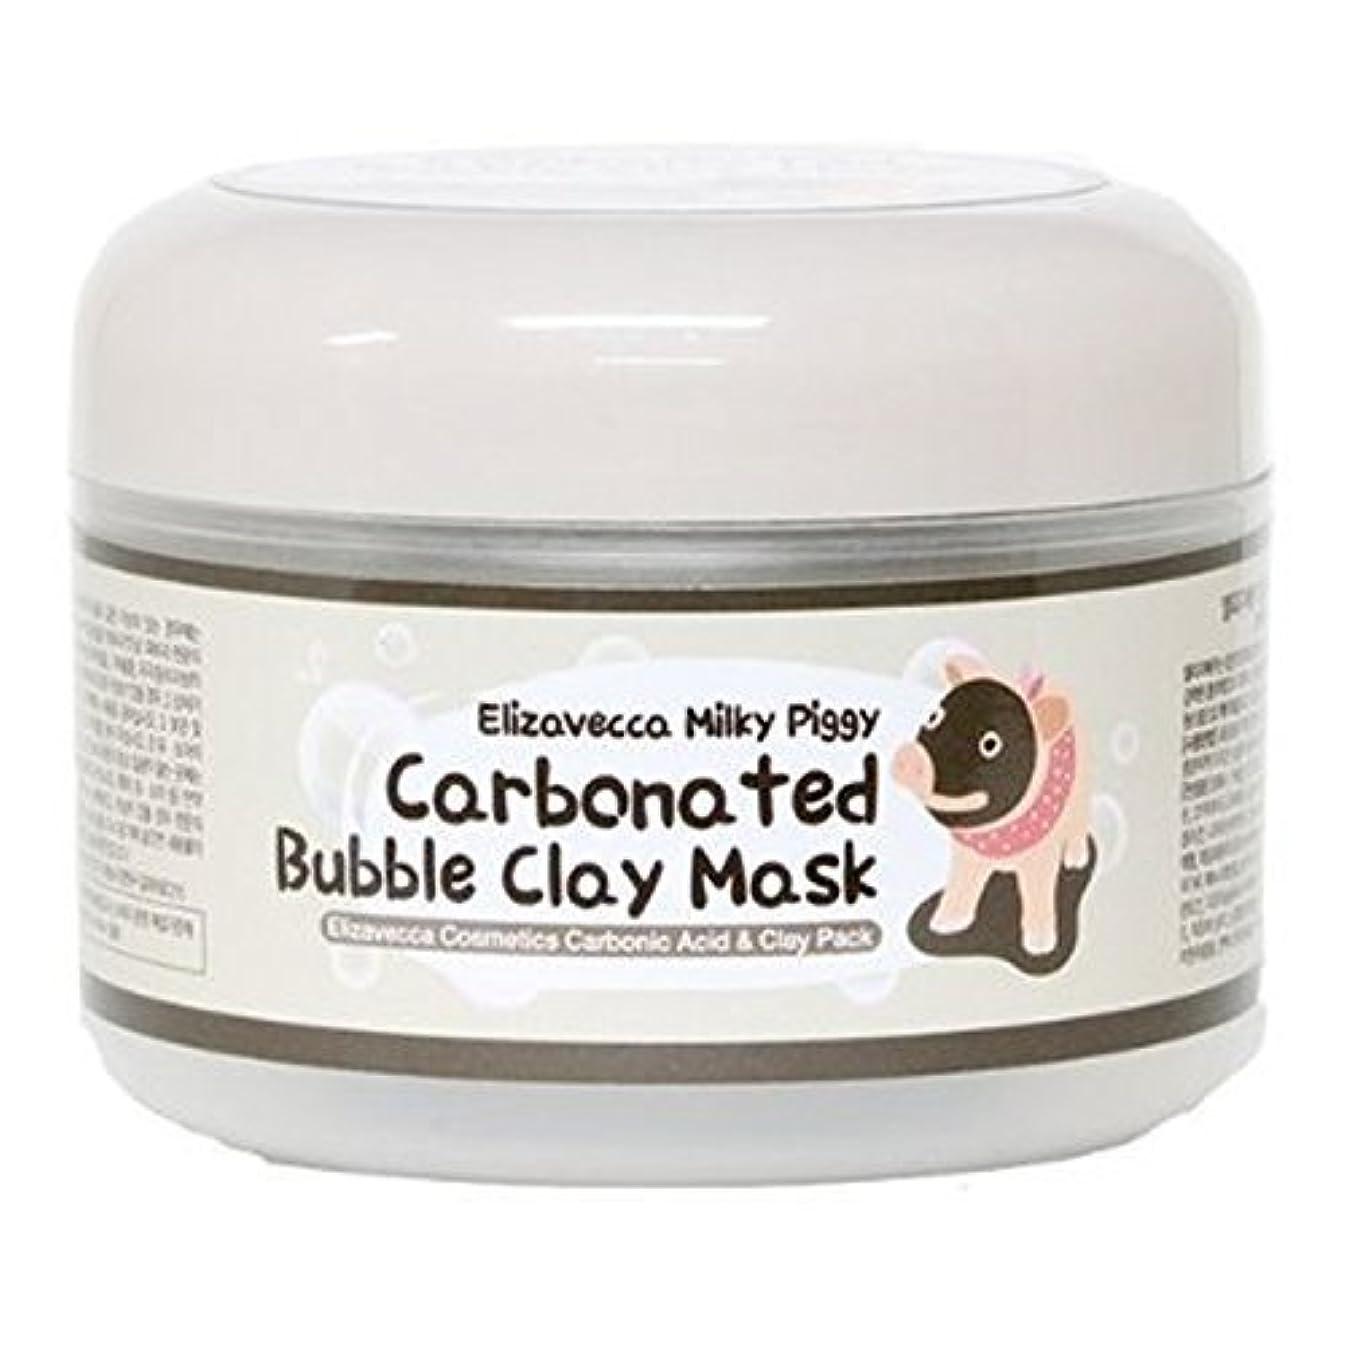 事前写真を描く排他的Elizavecca エリザヴェッカ 炭酸バブル?毛穴クレンジング?クレイ?パック 100g (carbonate bubble Clay Mask) 海外直送品